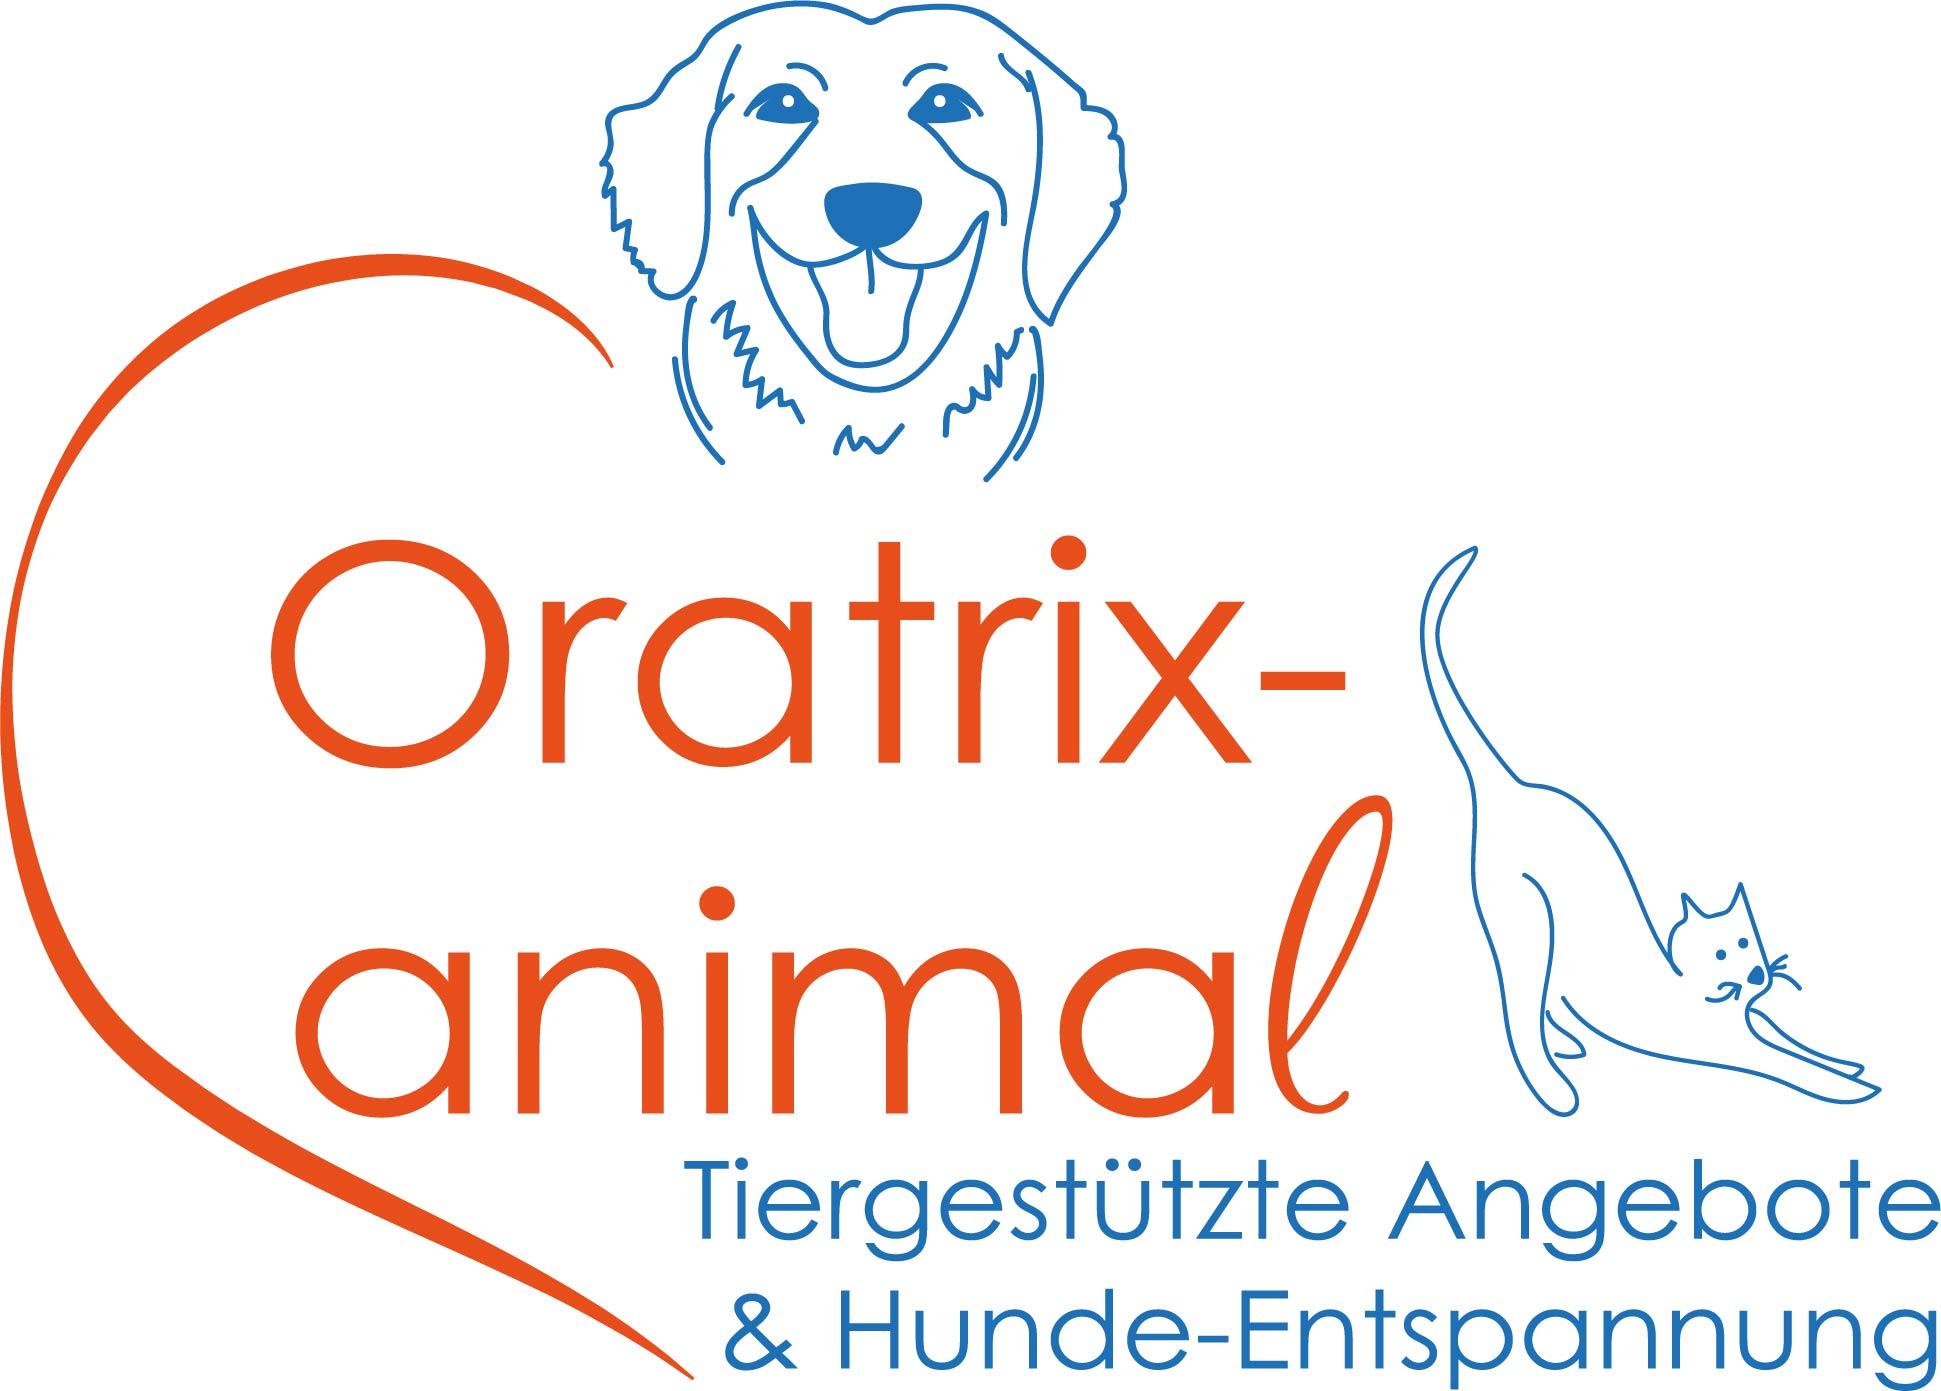 tgi.oratrix-animal.de Logo